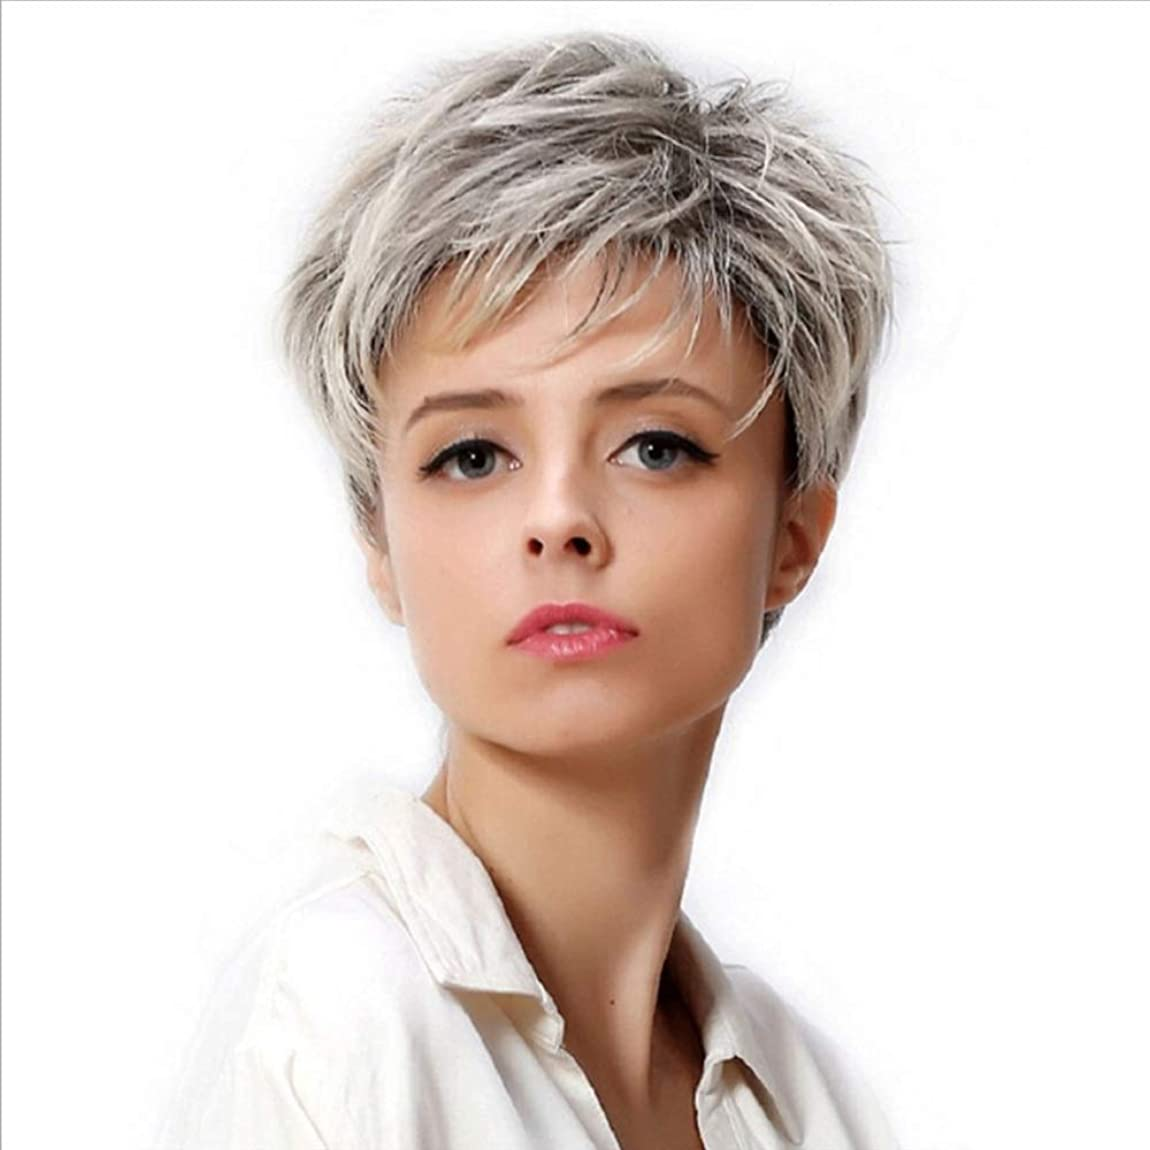 浪費わかりやすい隠WASAIO 女性の短い銀のかつらグレー合成繊維ふわふわ髪のかつら (色 : グレー)